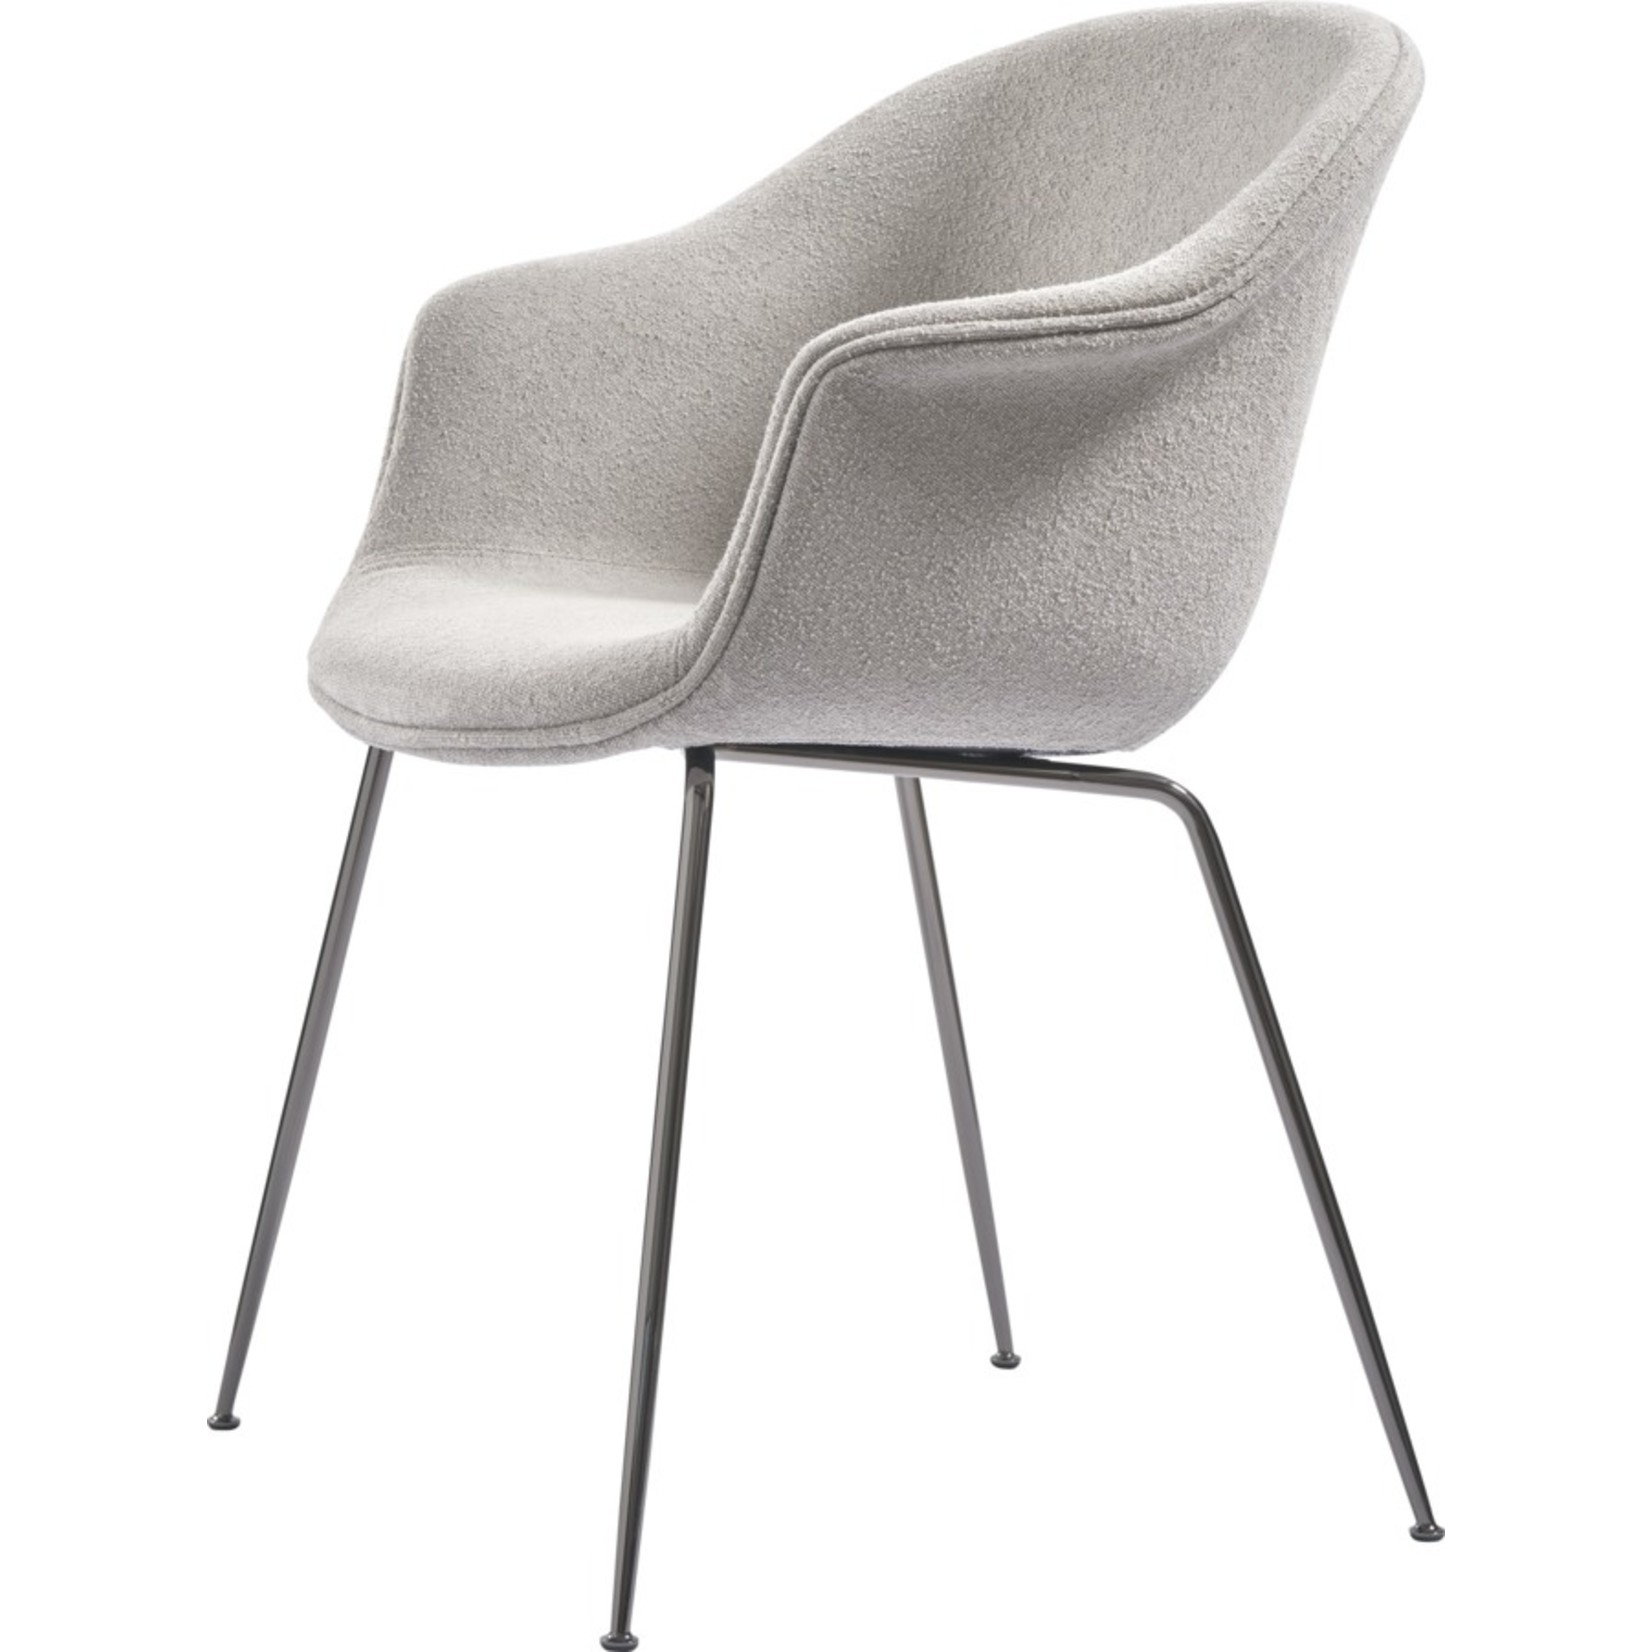 Gubi Chaise de salle à manger de chauve-souris | Bouclé Clair 008 & Base Chrome Noir